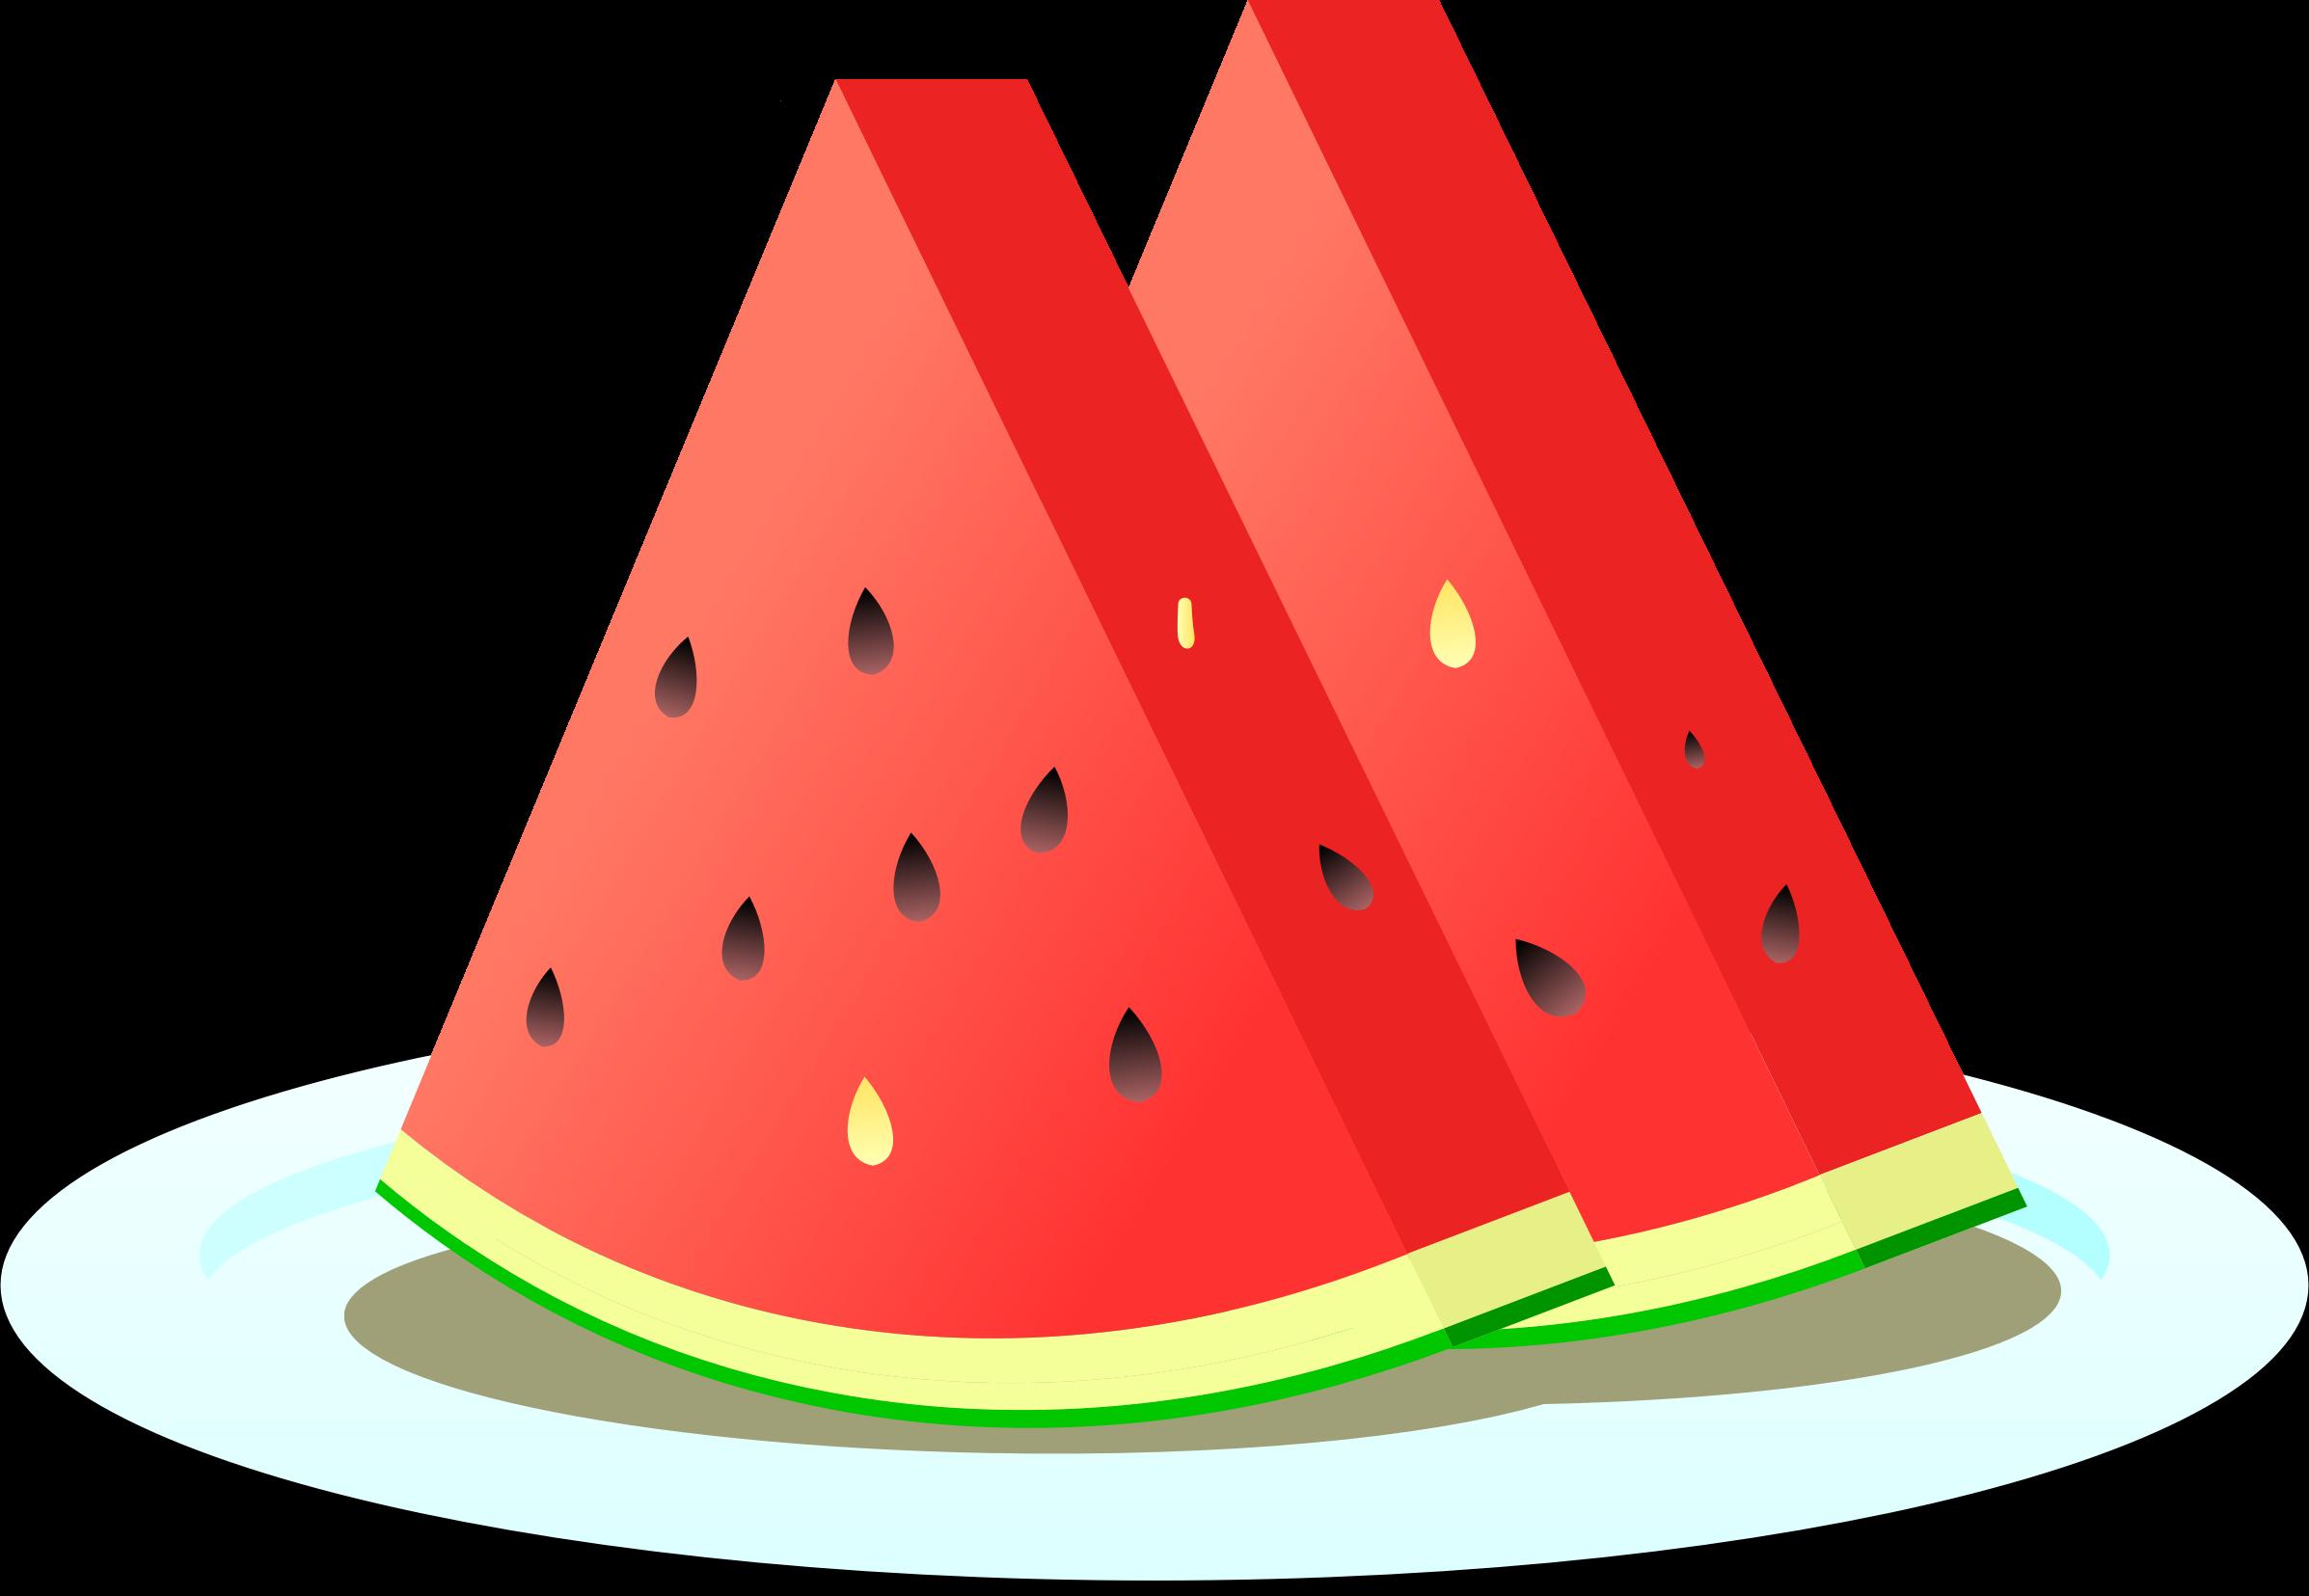 Watermelon clipart piece, Watermelon piece Transparent ... (2394 x 1655 Pixel)